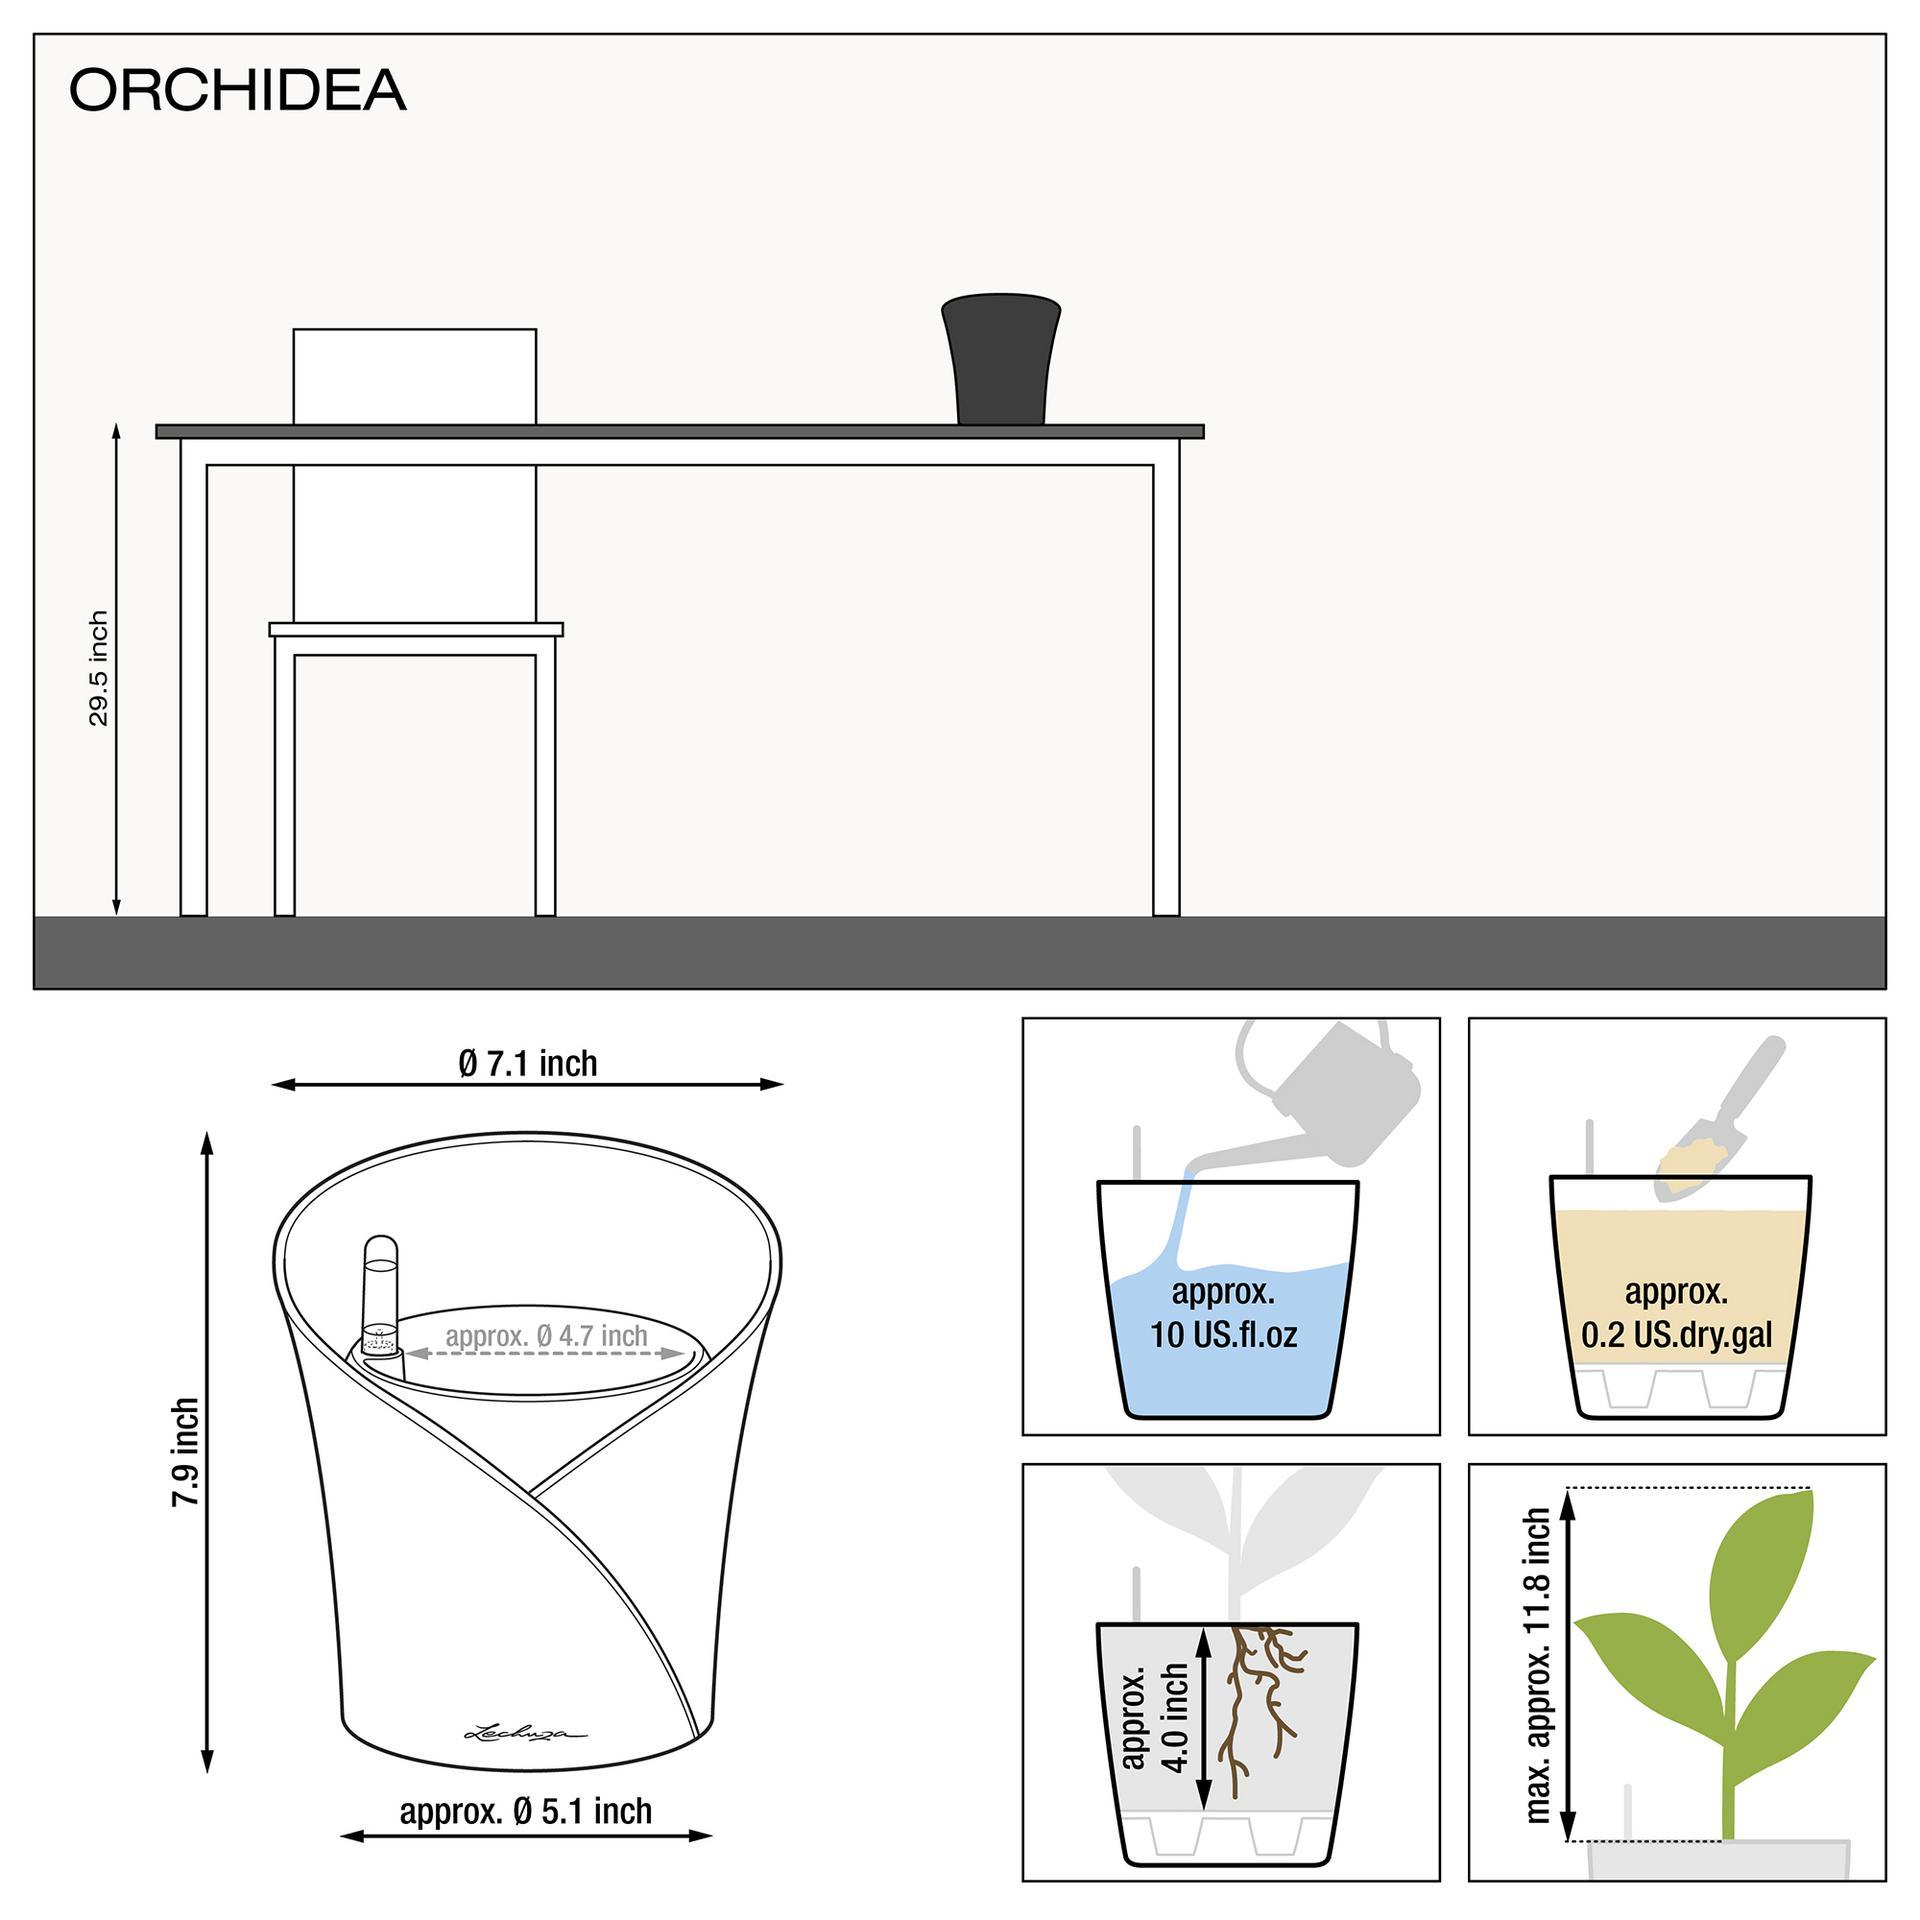 le_orchidea_product_addi_nz_us